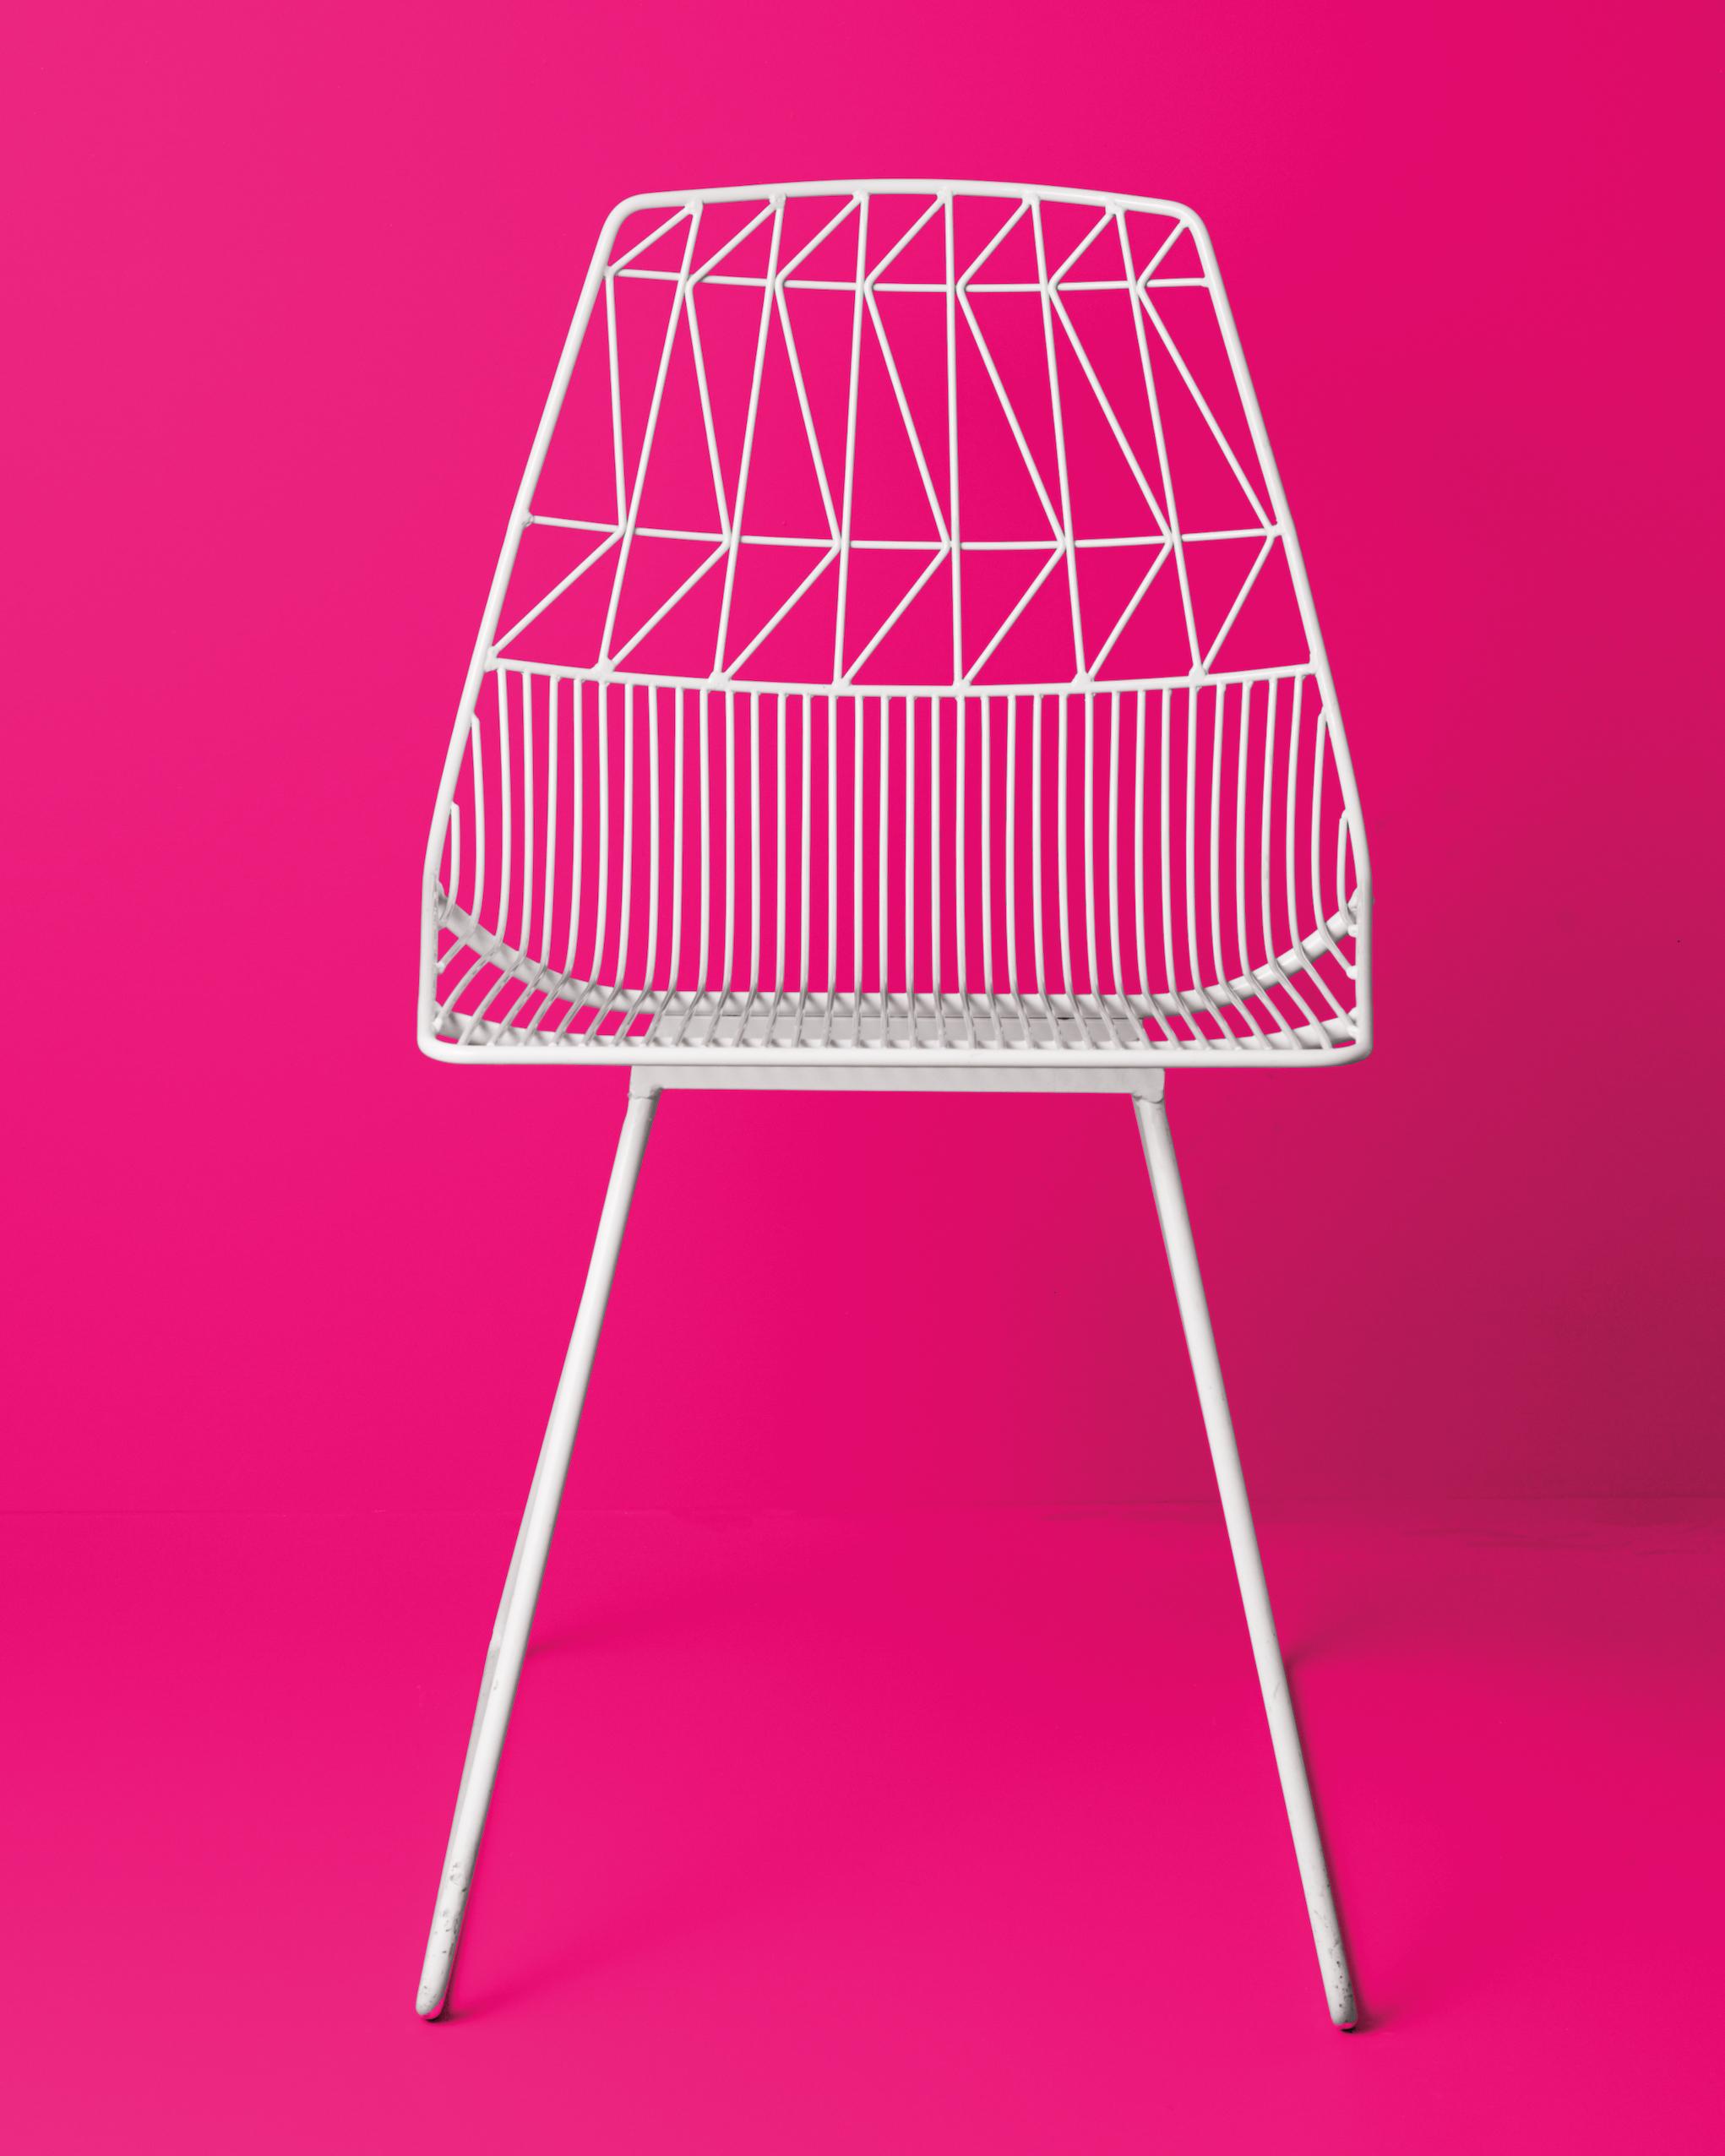 white-metal-chair-015-d112473.jpg